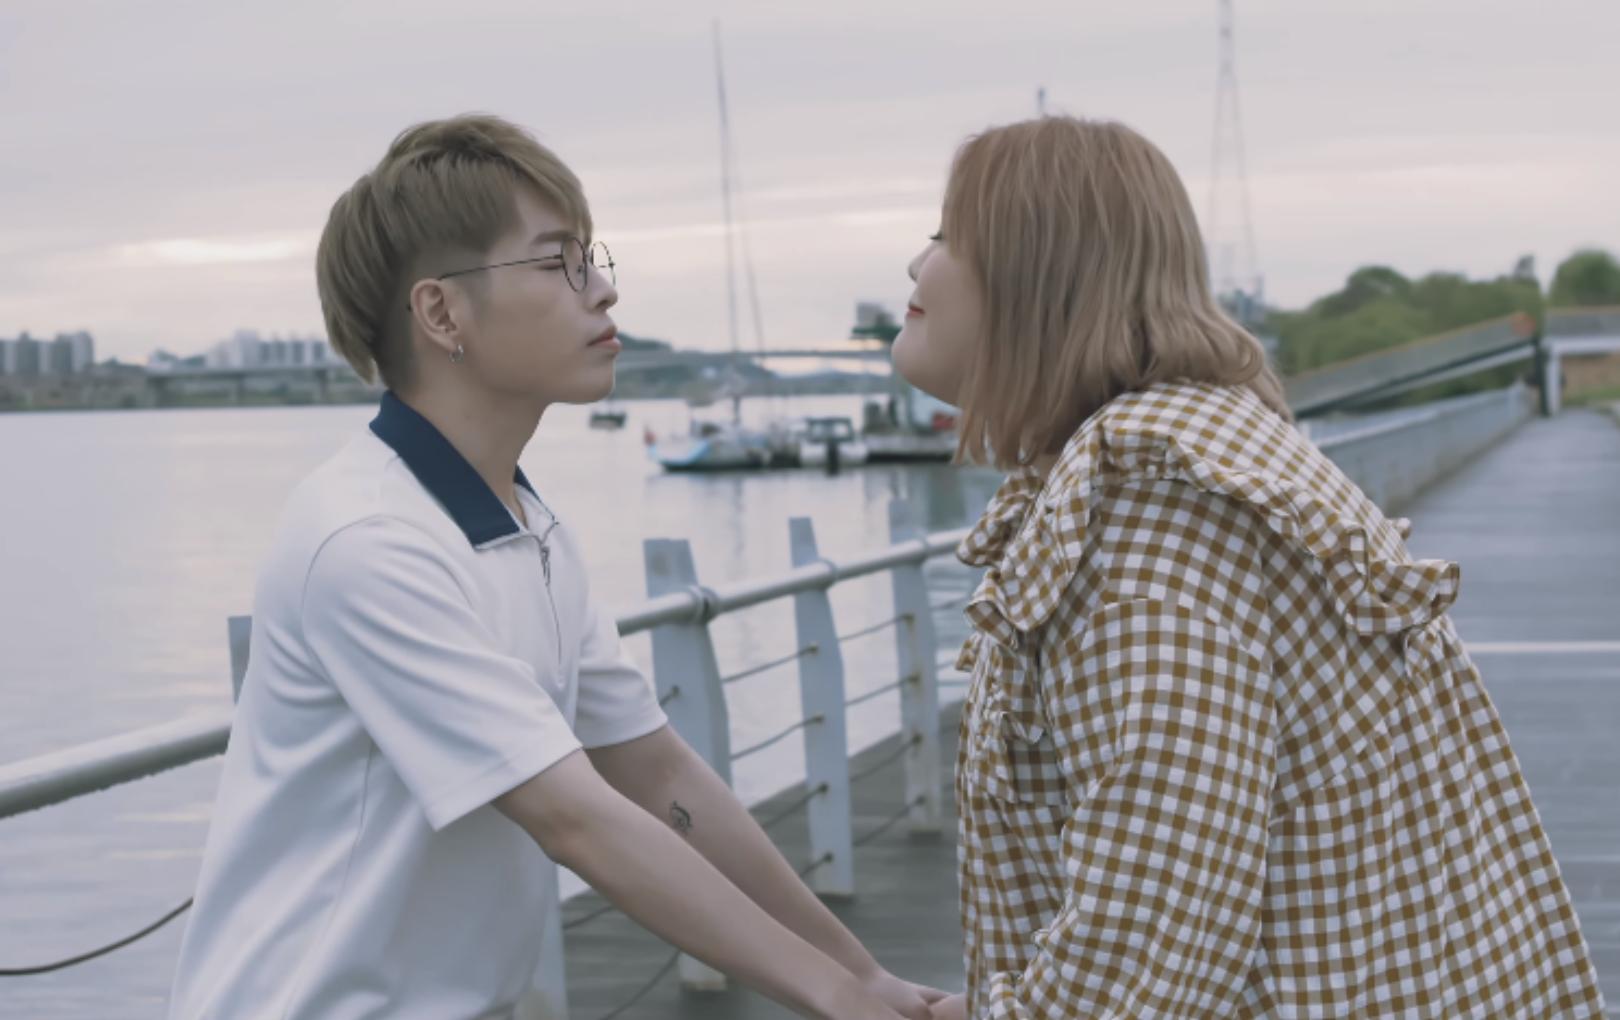 """""""Tan chảy"""" với chuyện tình chàng gầy - nàng béo trong MV mới của Đức Phúc: Yêu là chấp nhận con người của nhau"""